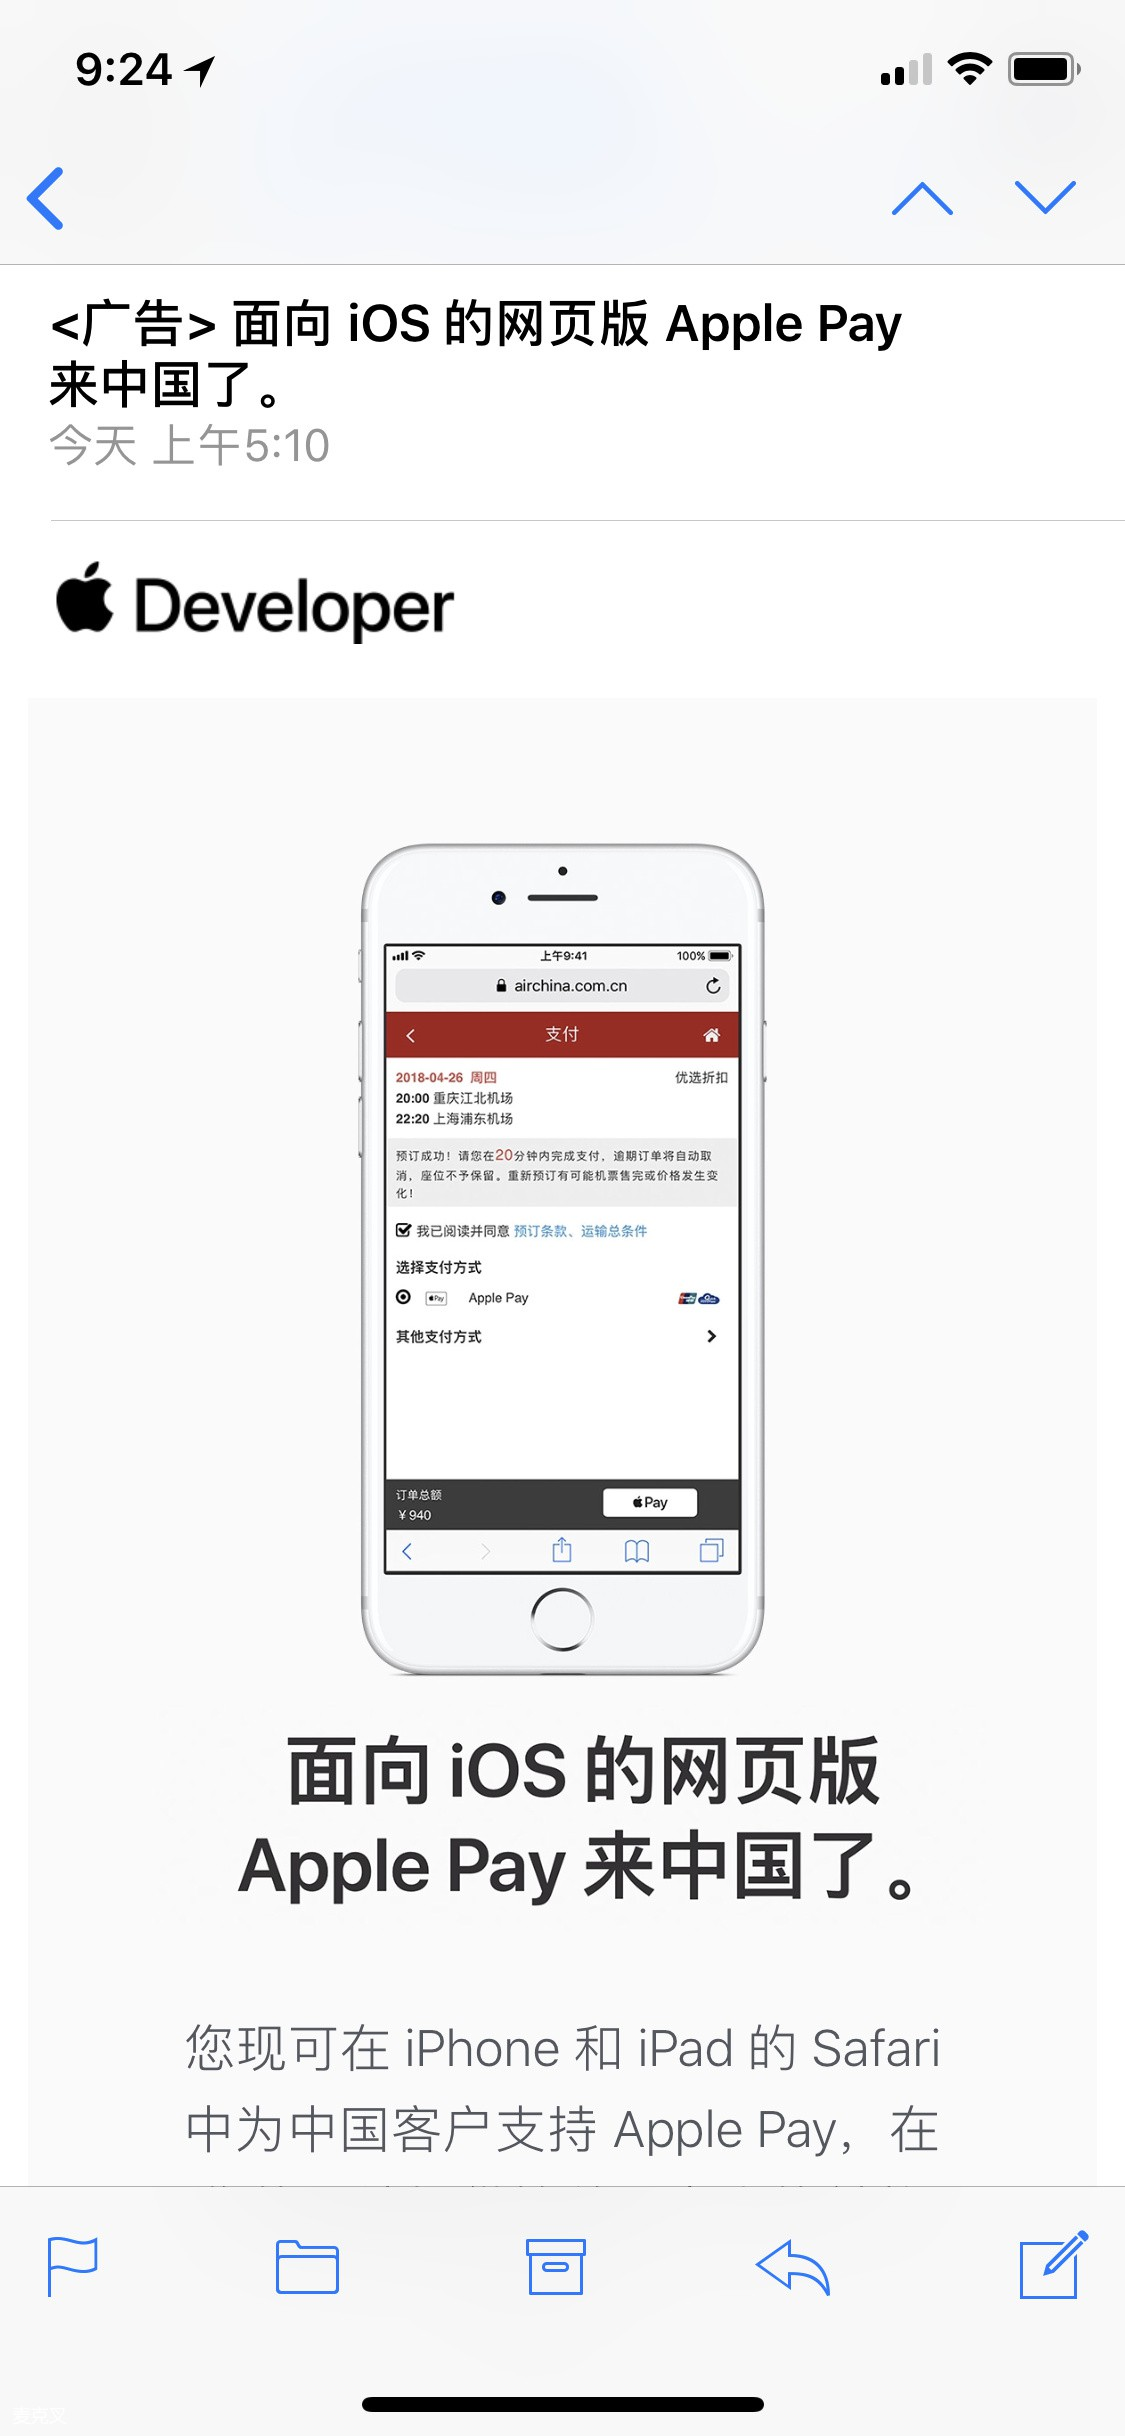 Apple Pay 网页版进入中国,目前仅限 iOS 用户